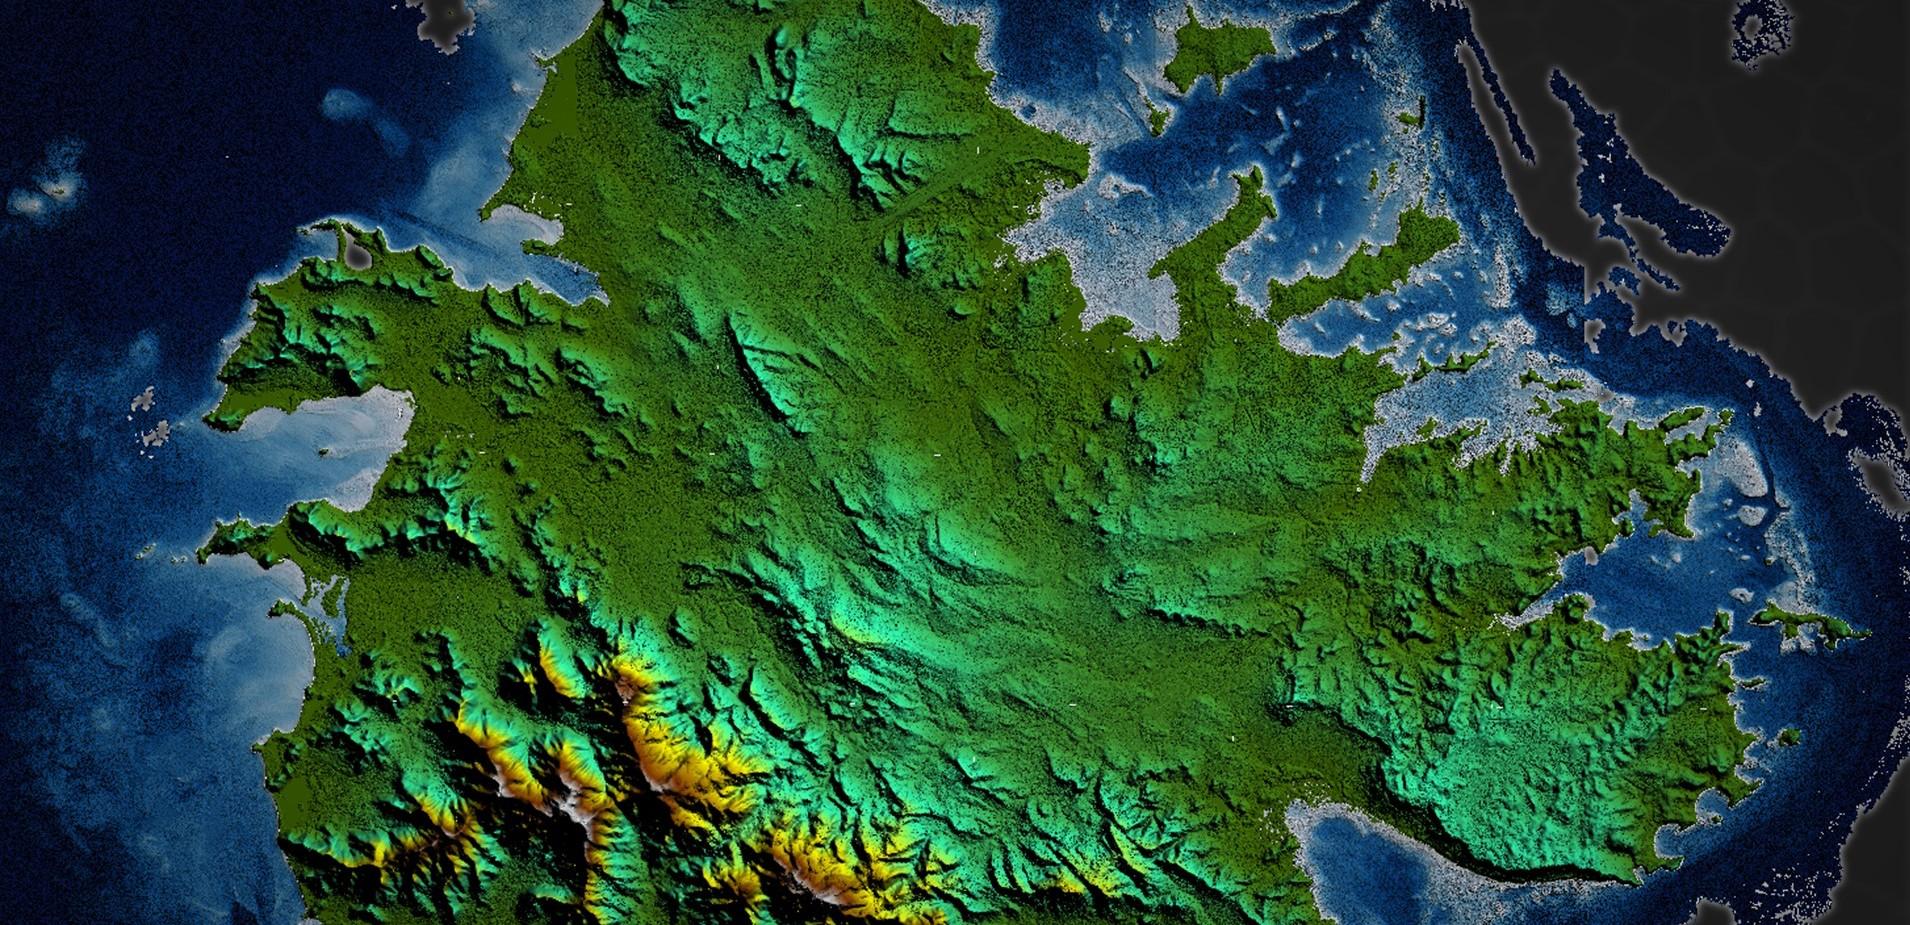 Společnost TCarta dokáže mapovat dno moře pomocí satelitních snímků